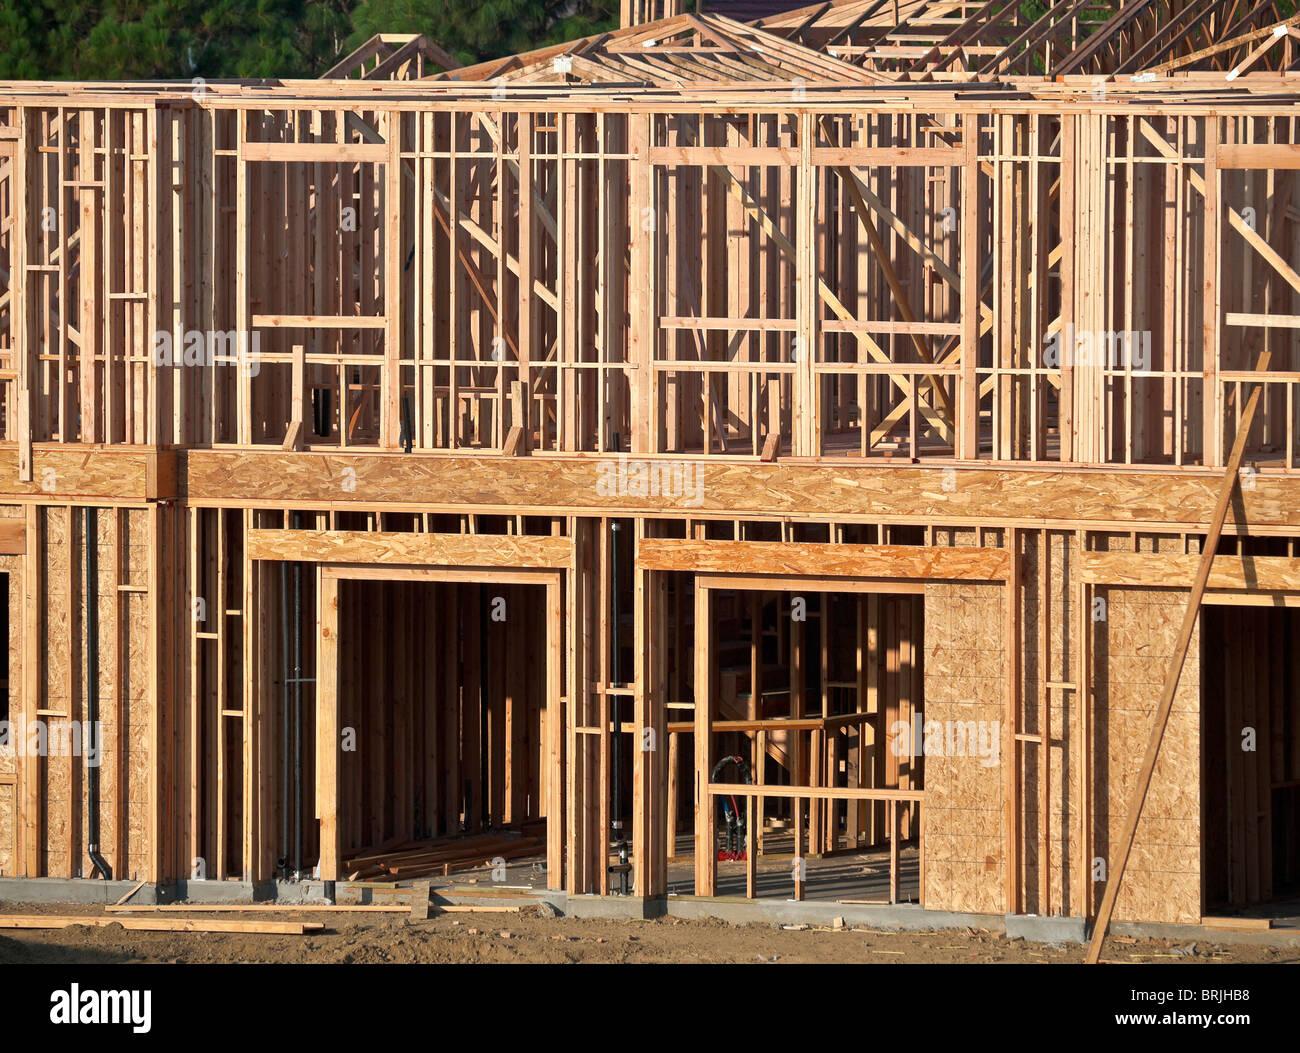 Casa tipica costruzione framing in caldo la mattina presto luce. Immagini Stock